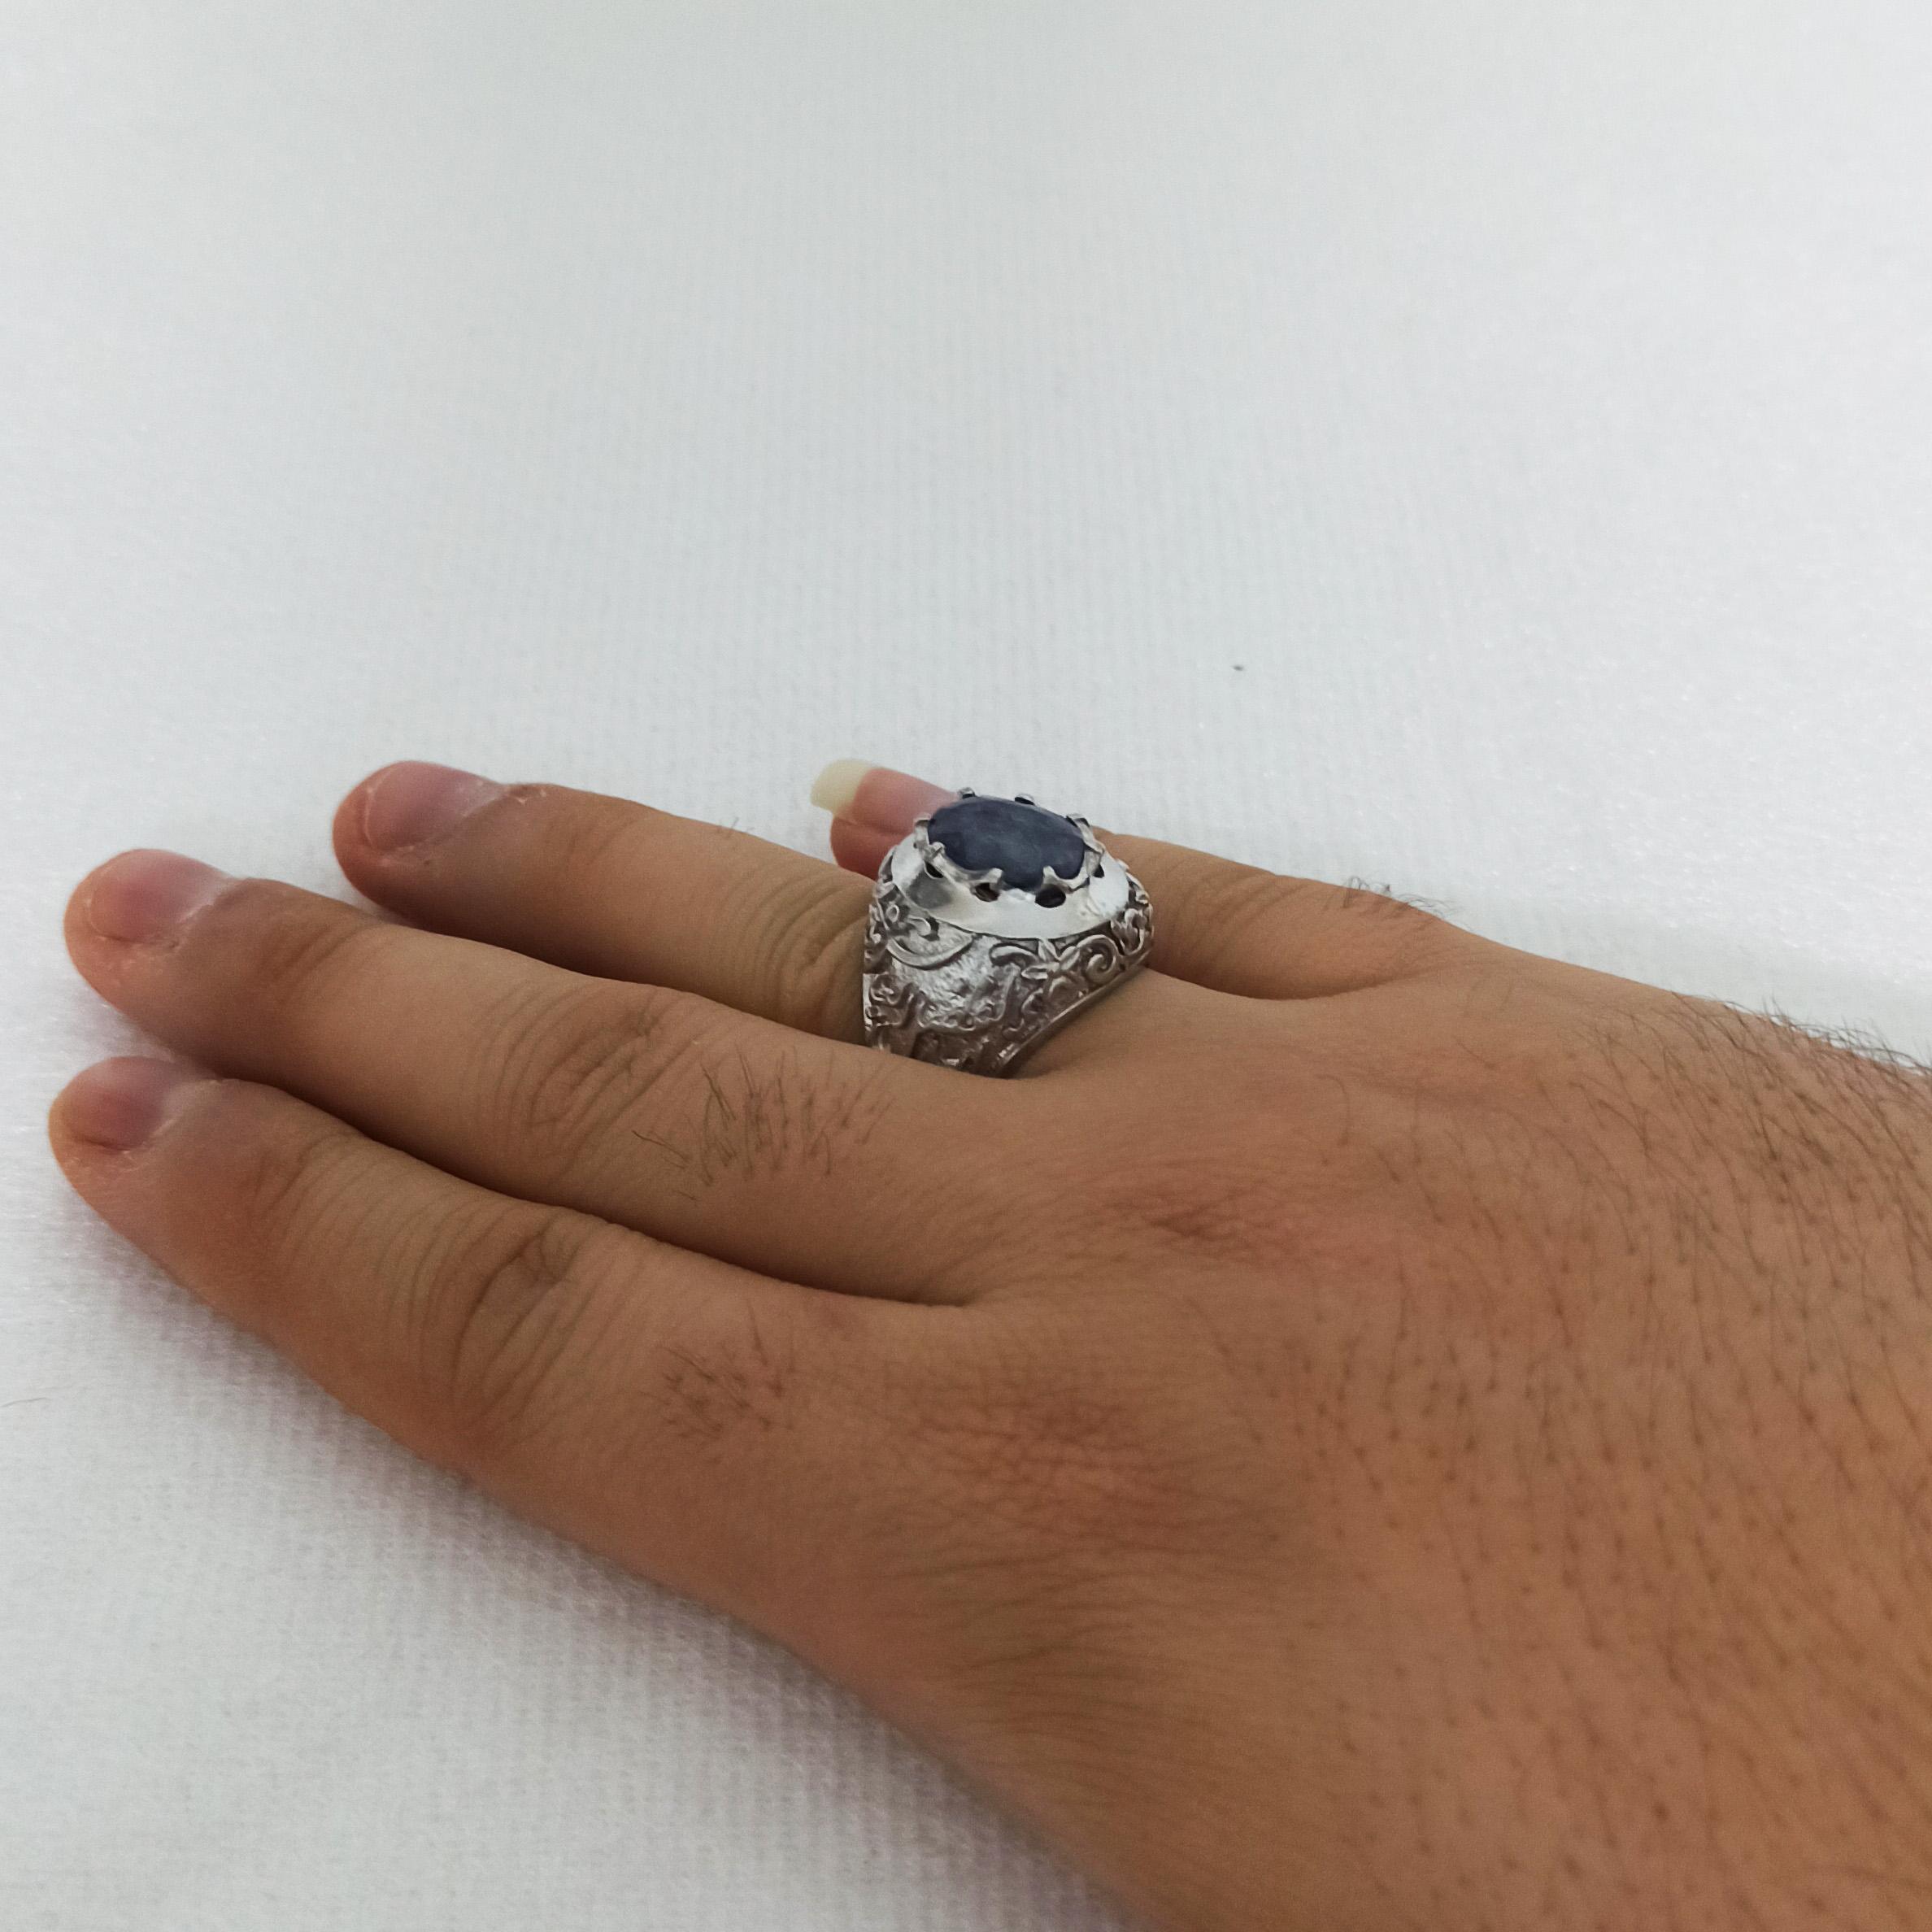 انگشتر نقره مردانه سلین کالا مدل ce-anma14